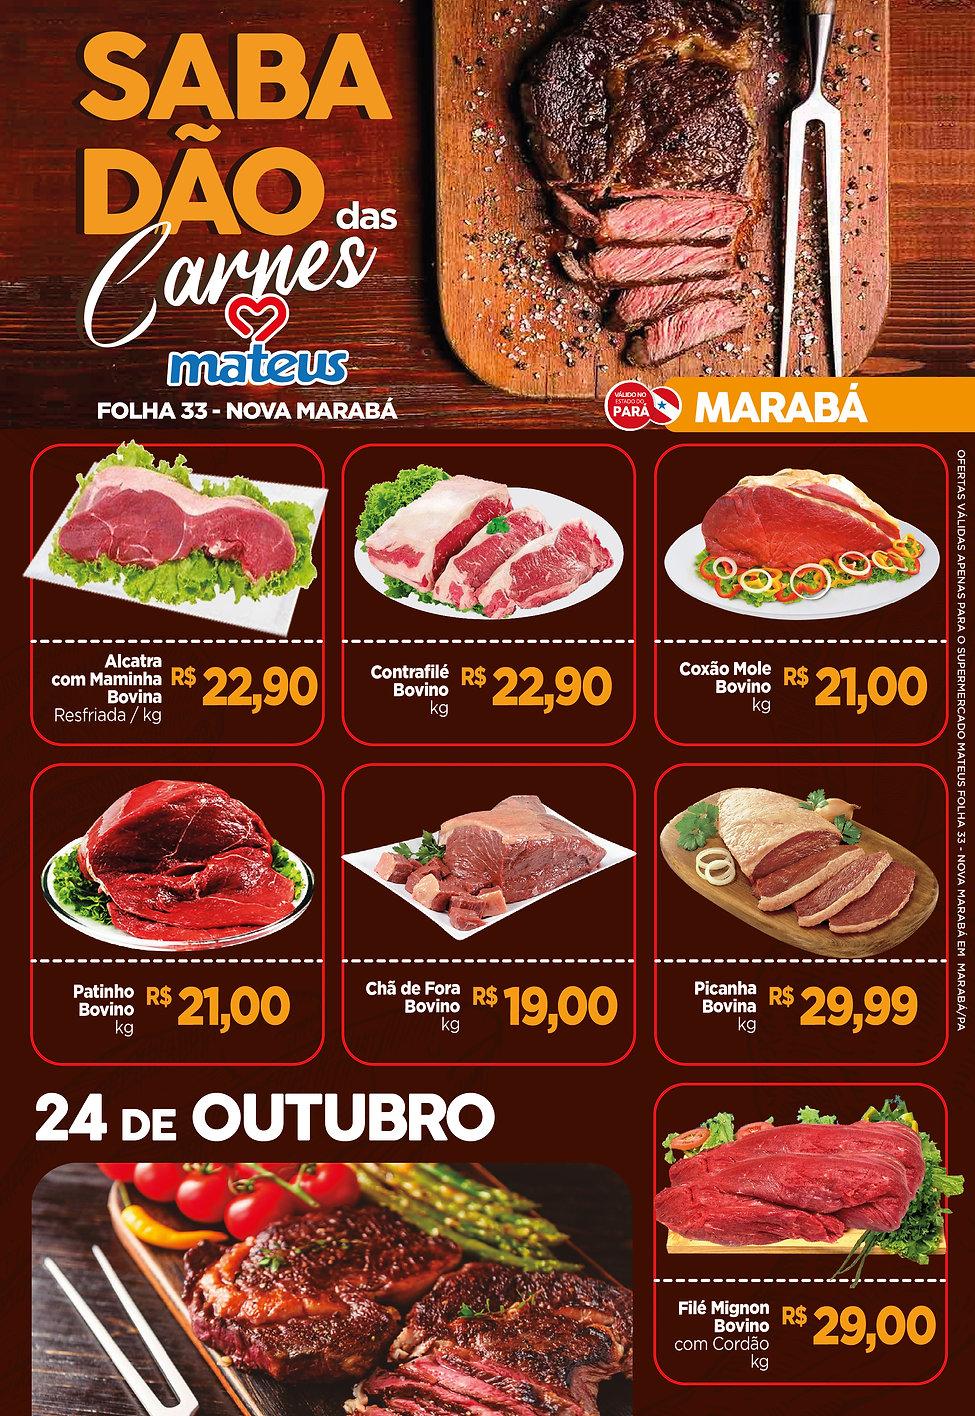 ENCARTE_VIRTUAL_SABADÃO_DAS_CARNES_MATEU